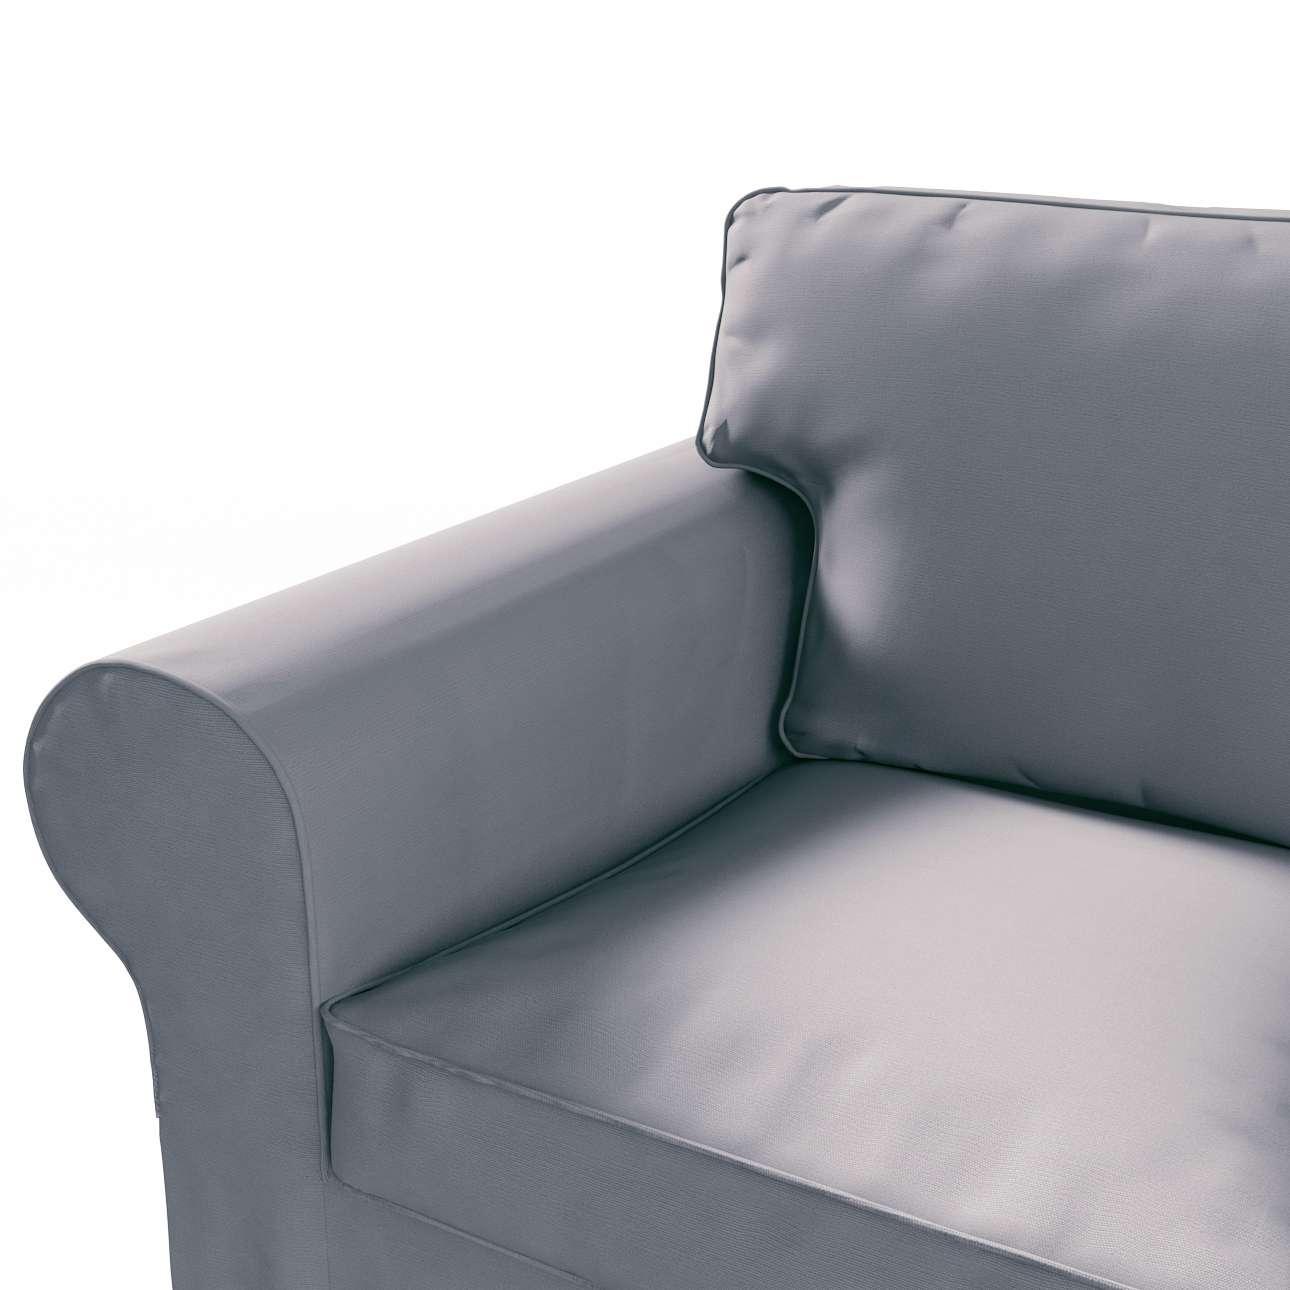 Pokrowiec na sofę Ektorp 3-osobową, rozkładaną, PIXBO w kolekcji Cotton Panama, tkanina: 702-07